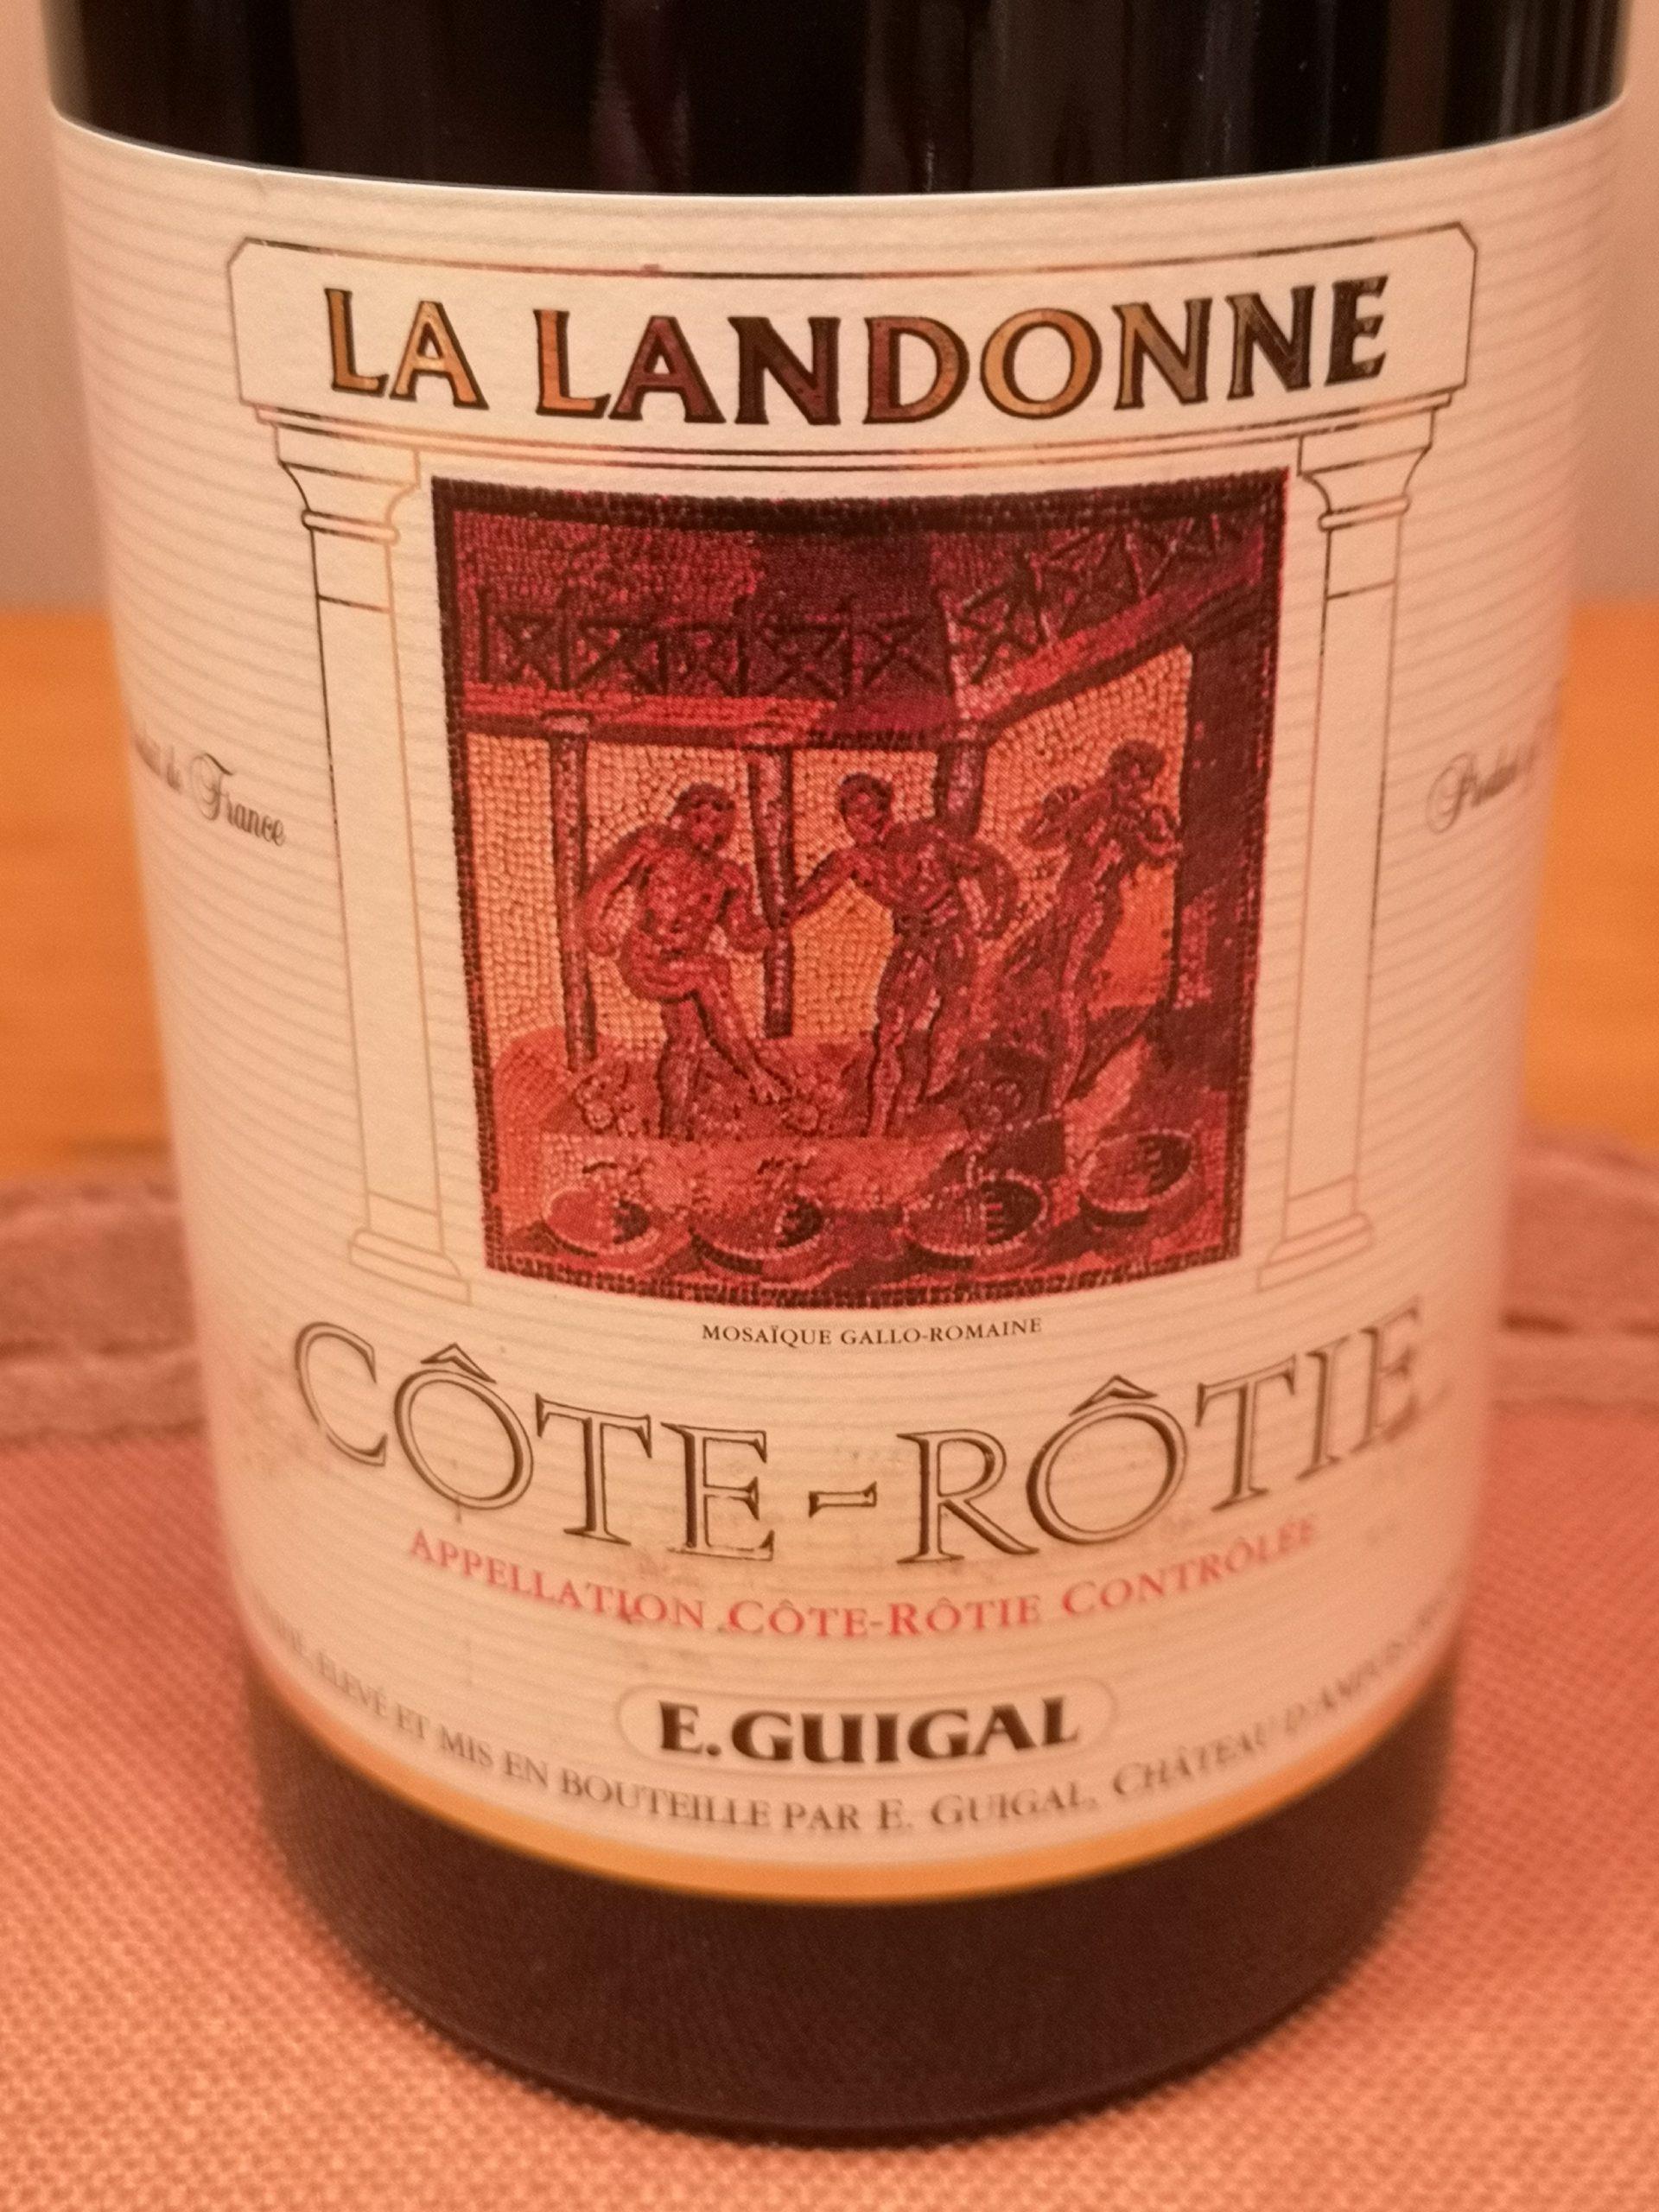 2010 La Landonne | E. Guigal